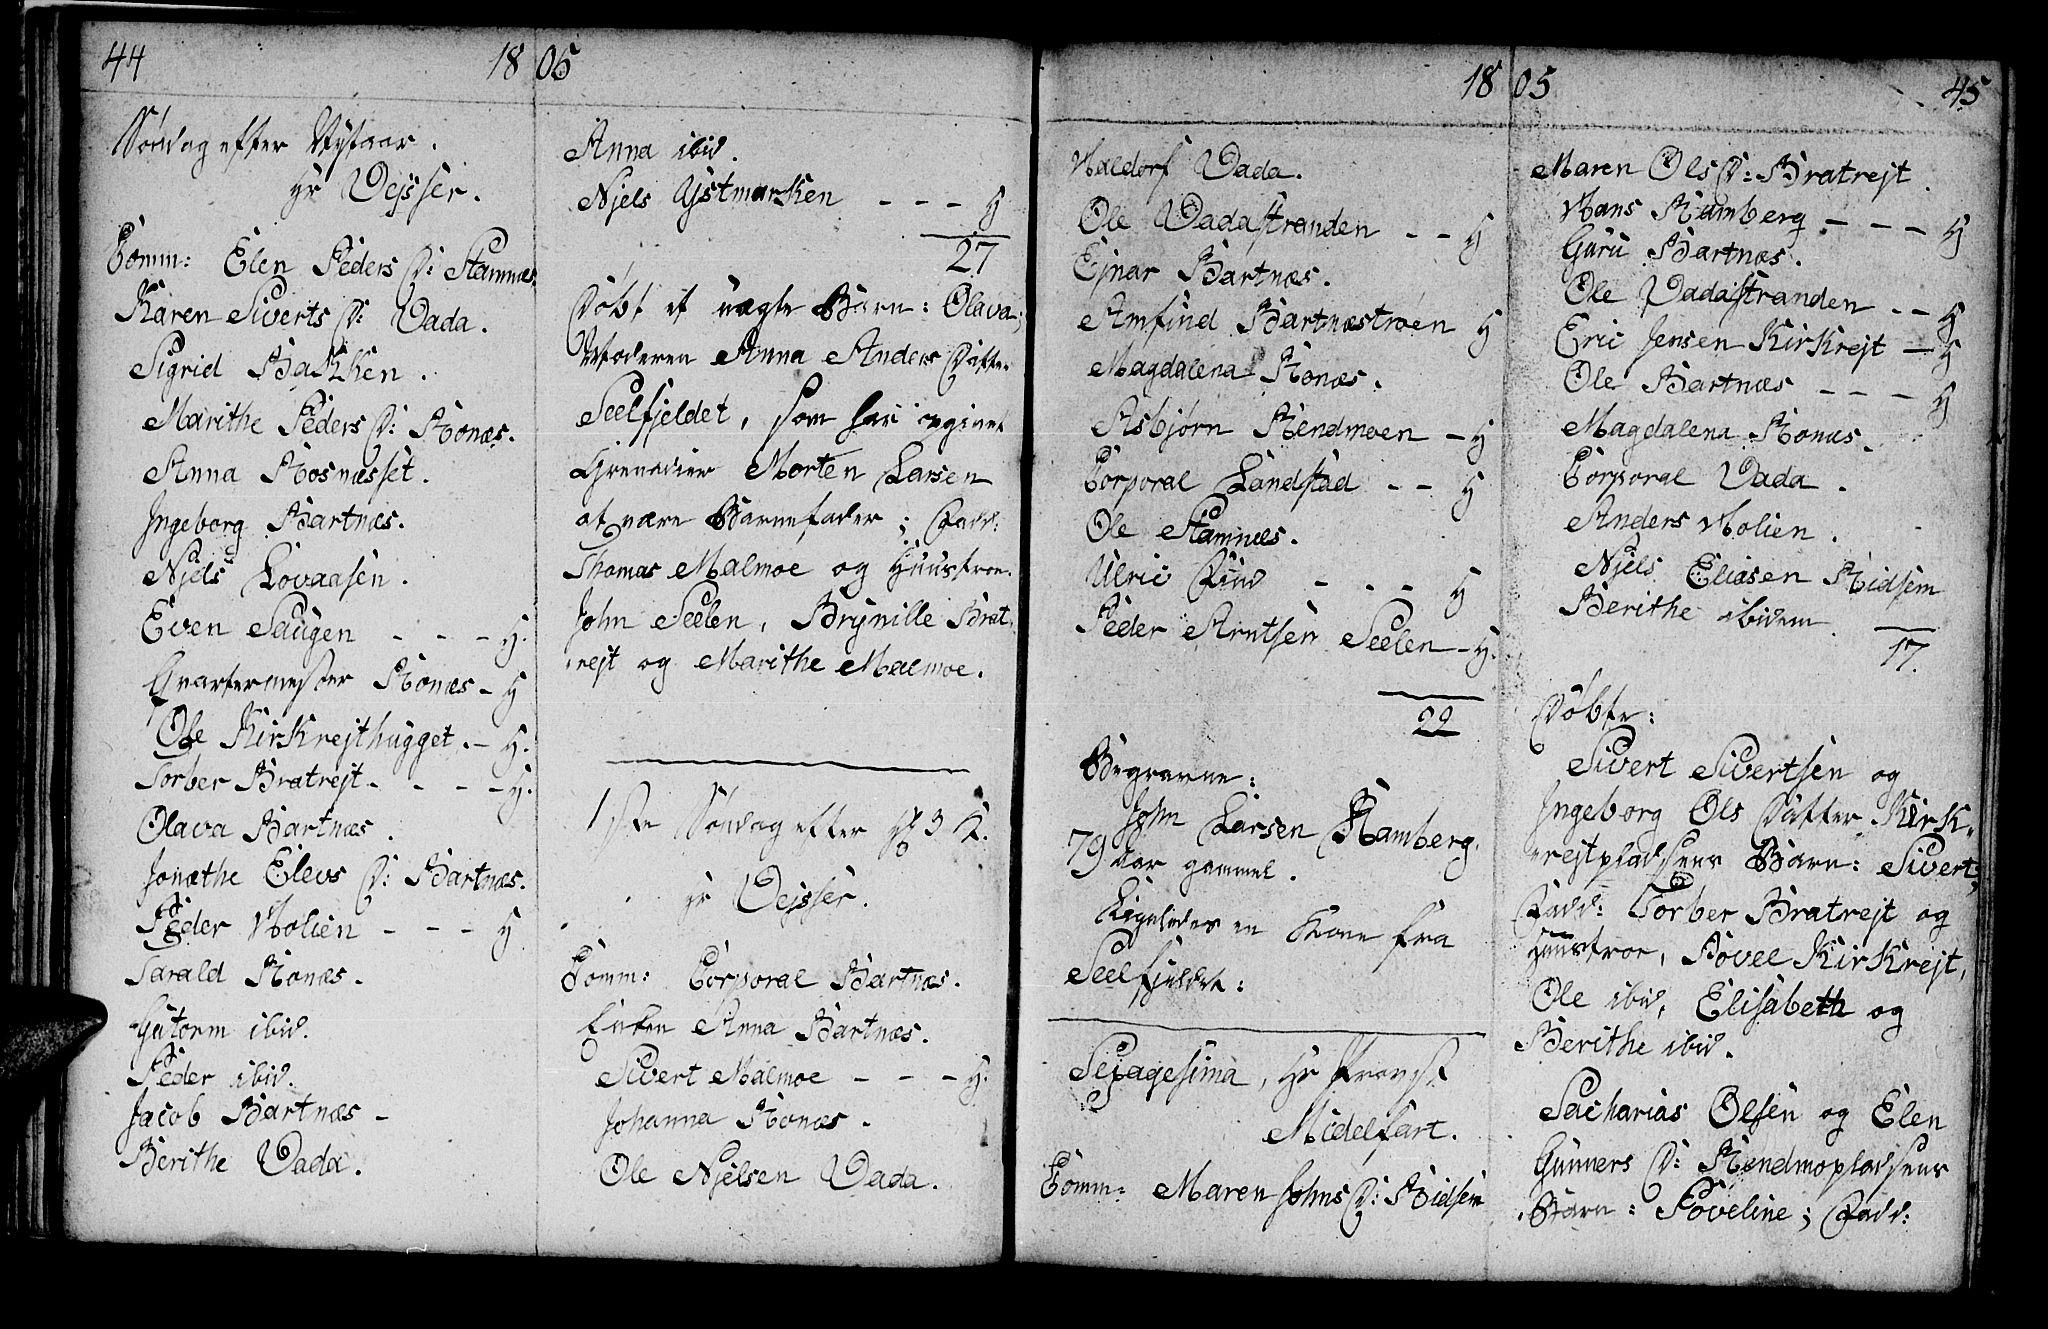 SAT, Ministerialprotokoller, klokkerbøker og fødselsregistre - Nord-Trøndelag, 745/L0432: Klokkerbok nr. 745C01, 1802-1814, s. 44-45